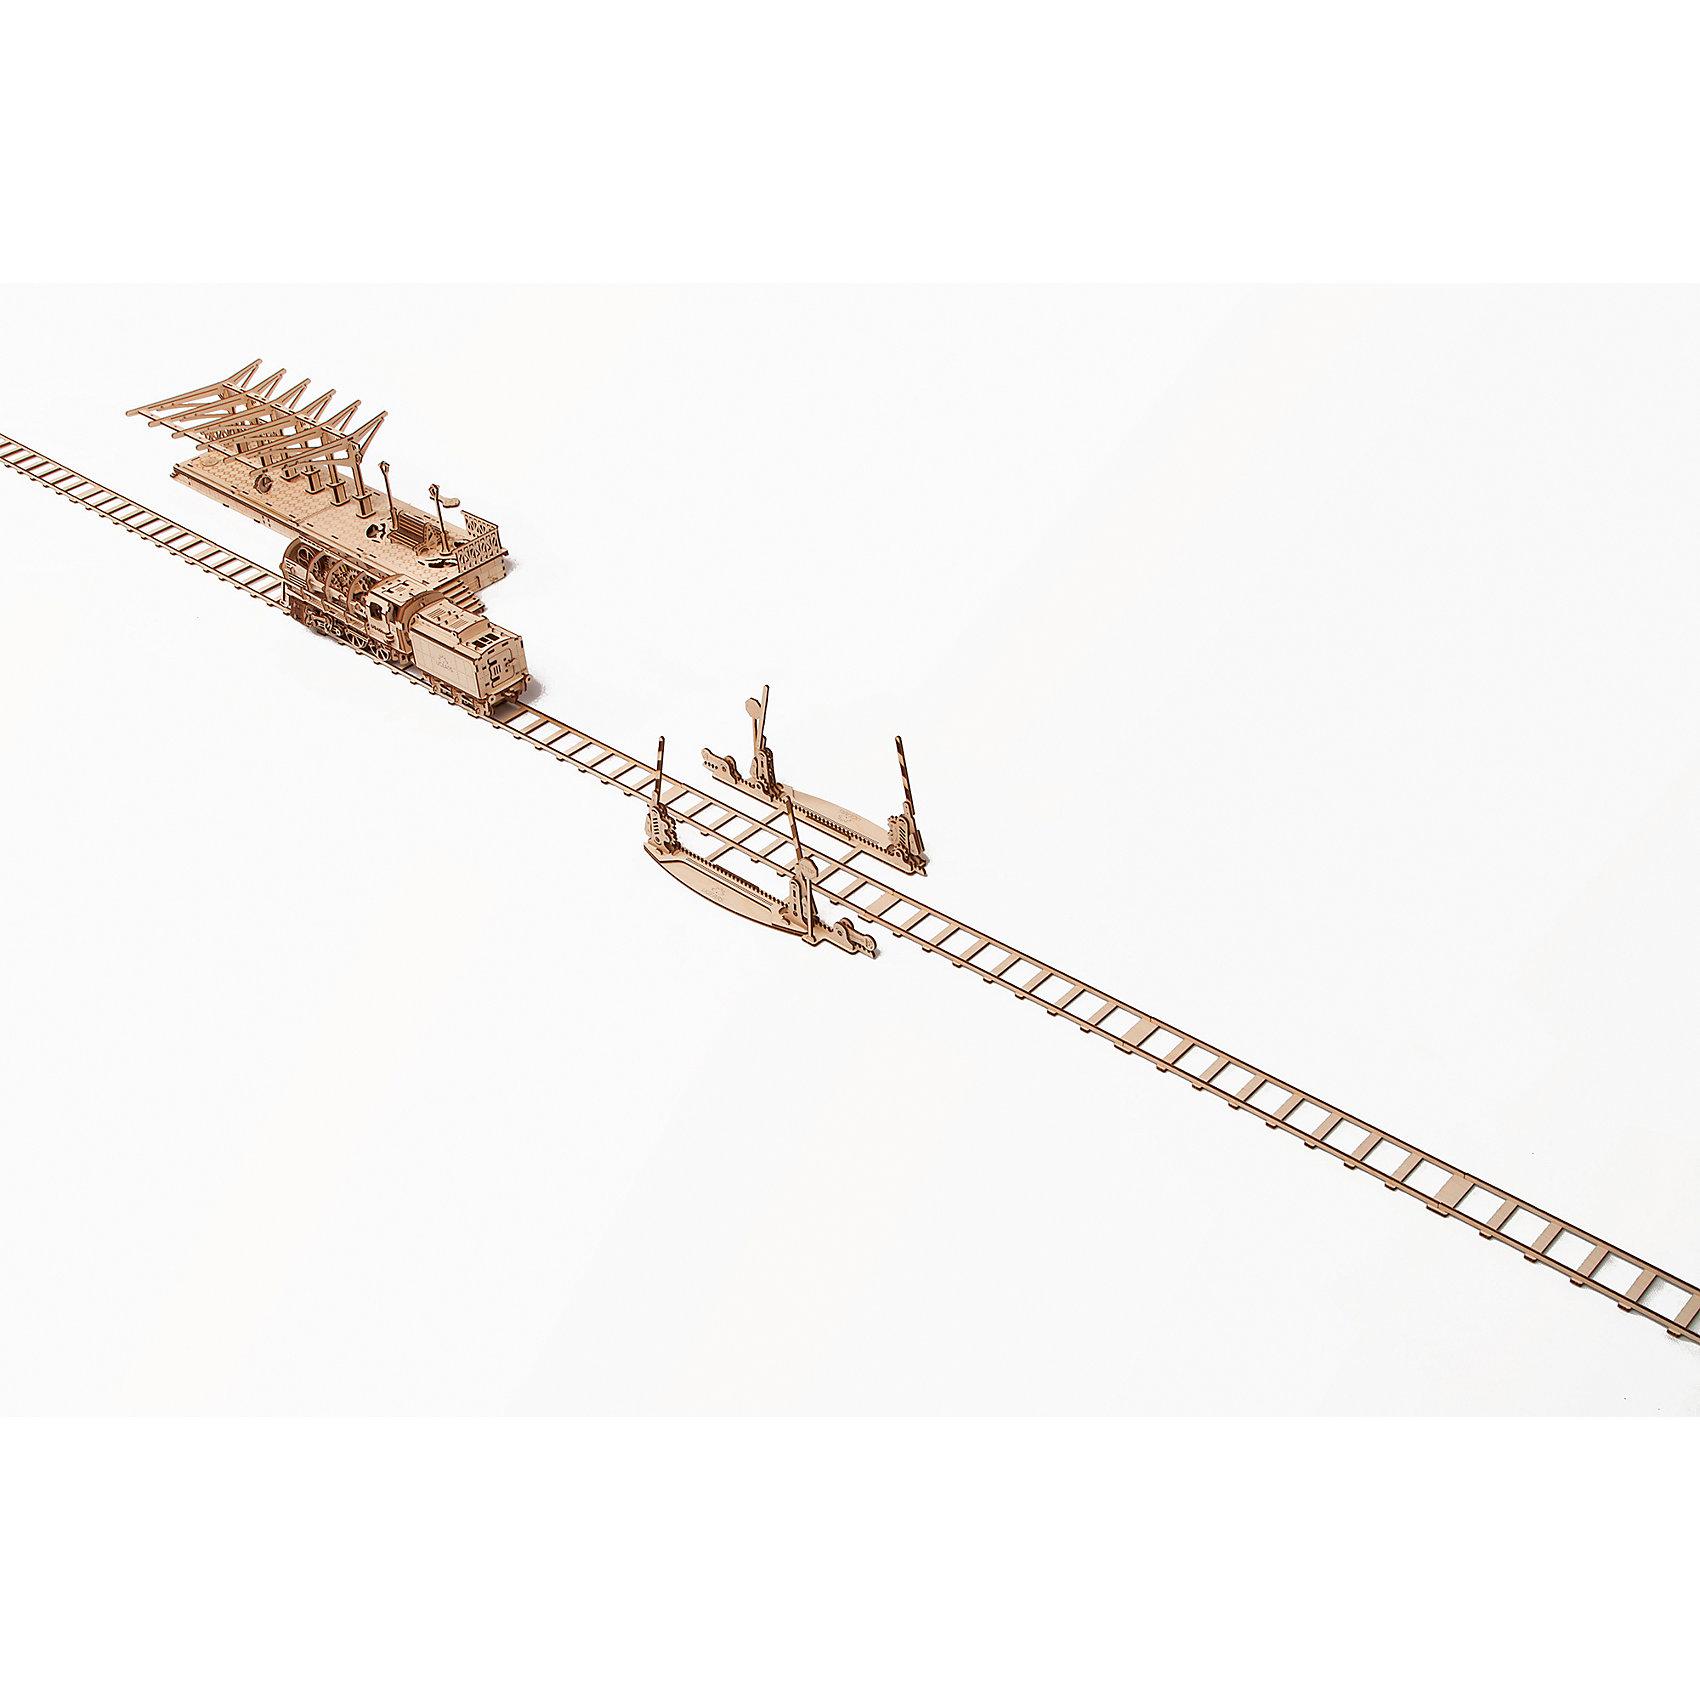 Переезд, UGEARSДеревянные конструкторы<br>Там, где есть железная дорога, есть и железнодорожный переезд. Вы получите 4 метра железной дороги в комплекте с переездом и работающими шлагбаумами, которые поднимаются и опускаются нажатием рычага.<br>Модель для самостоятельной сборки без клея.<br><br>Размер модели: 4070*120*225 мм<br>Размер упаковки: 37*14*3см<br>Количество деталей: 200<br>Расчетное время сборки: 2-3 часа<br><br>Ширина мм: 375<br>Глубина мм: 170<br>Высота мм: 30<br>Вес г: 682<br>Возраст от месяцев: 168<br>Возраст до месяцев: 192<br>Пол: Унисекс<br>Возраст: Детский<br>SKU: 5226408